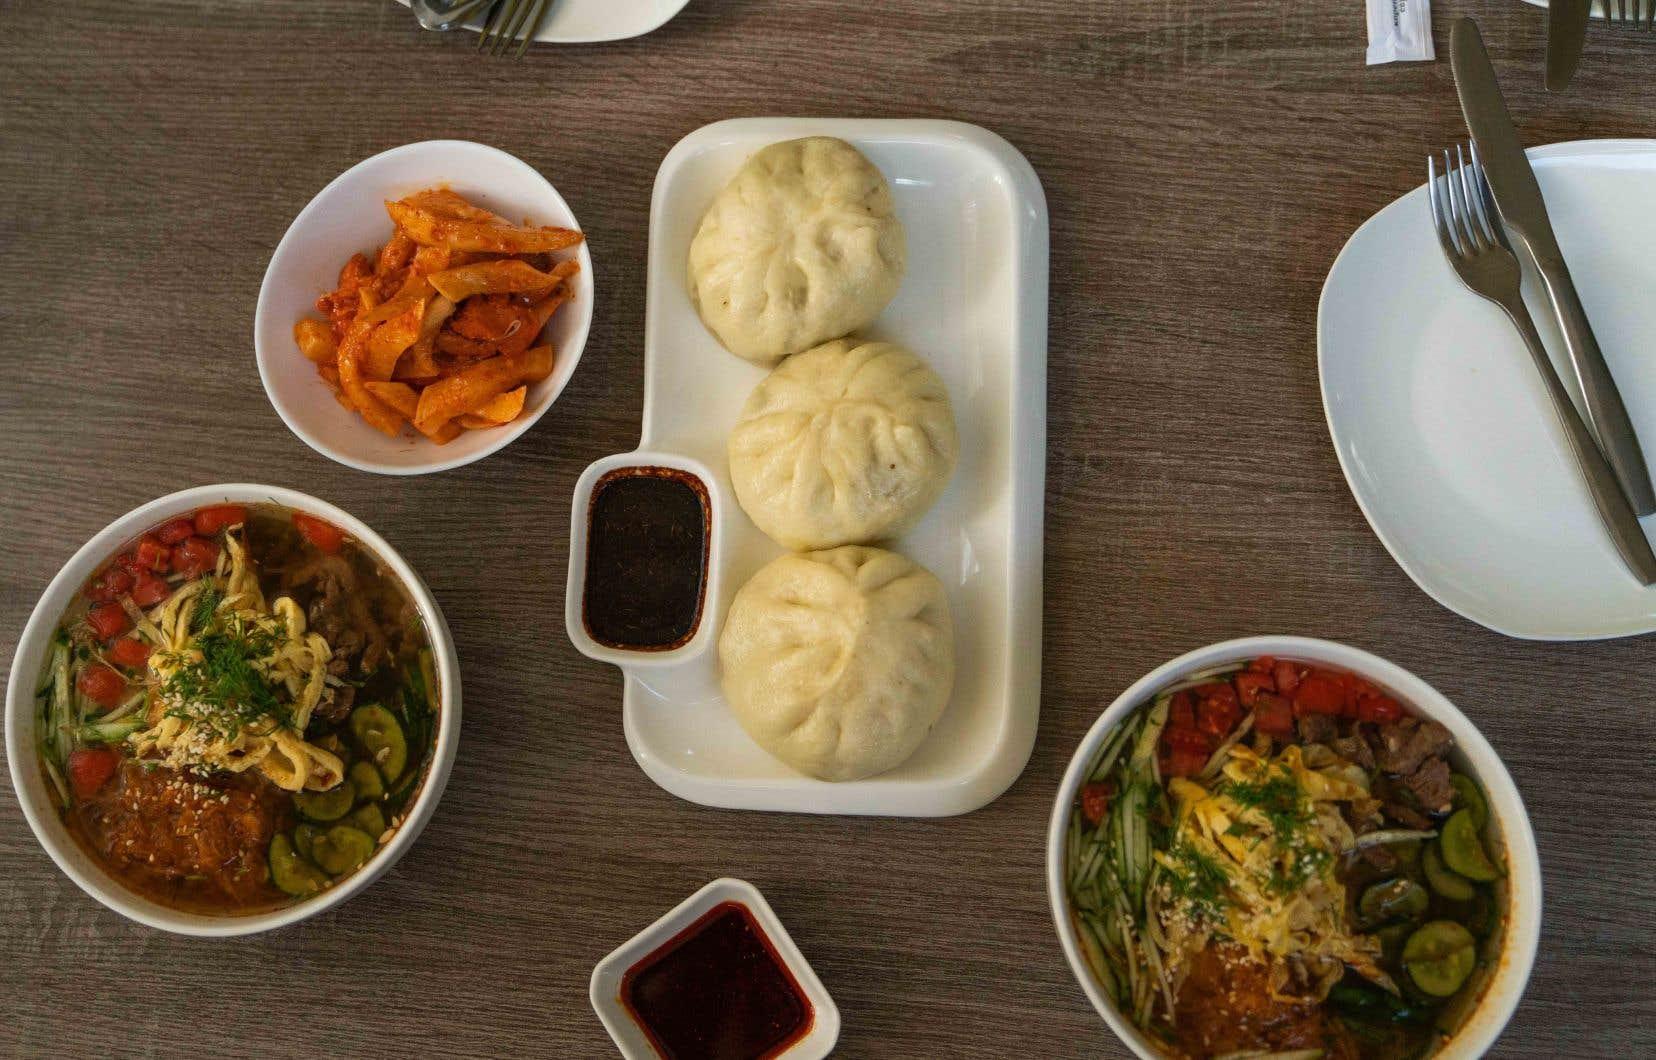 Des dumplings, des kuksi et du poisson mariné servis  au Neskuchnyy Sad,  le restaurant  de Victoria Yugai